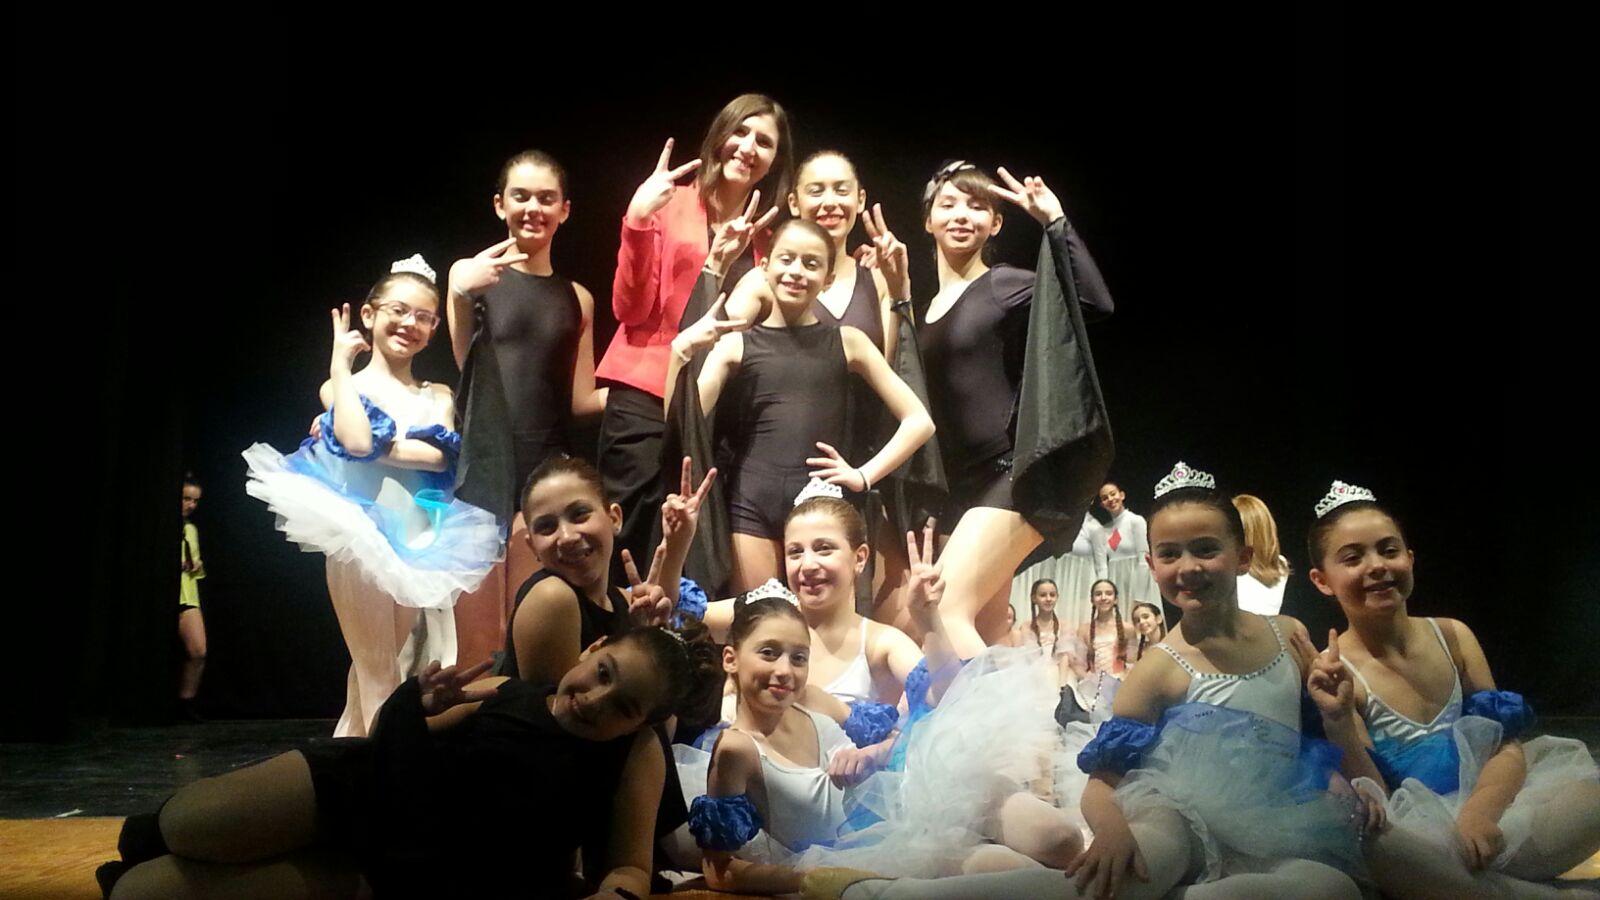 Il Centro Danza Ciriè ospiti allo spettacolo di Henkel Zuti